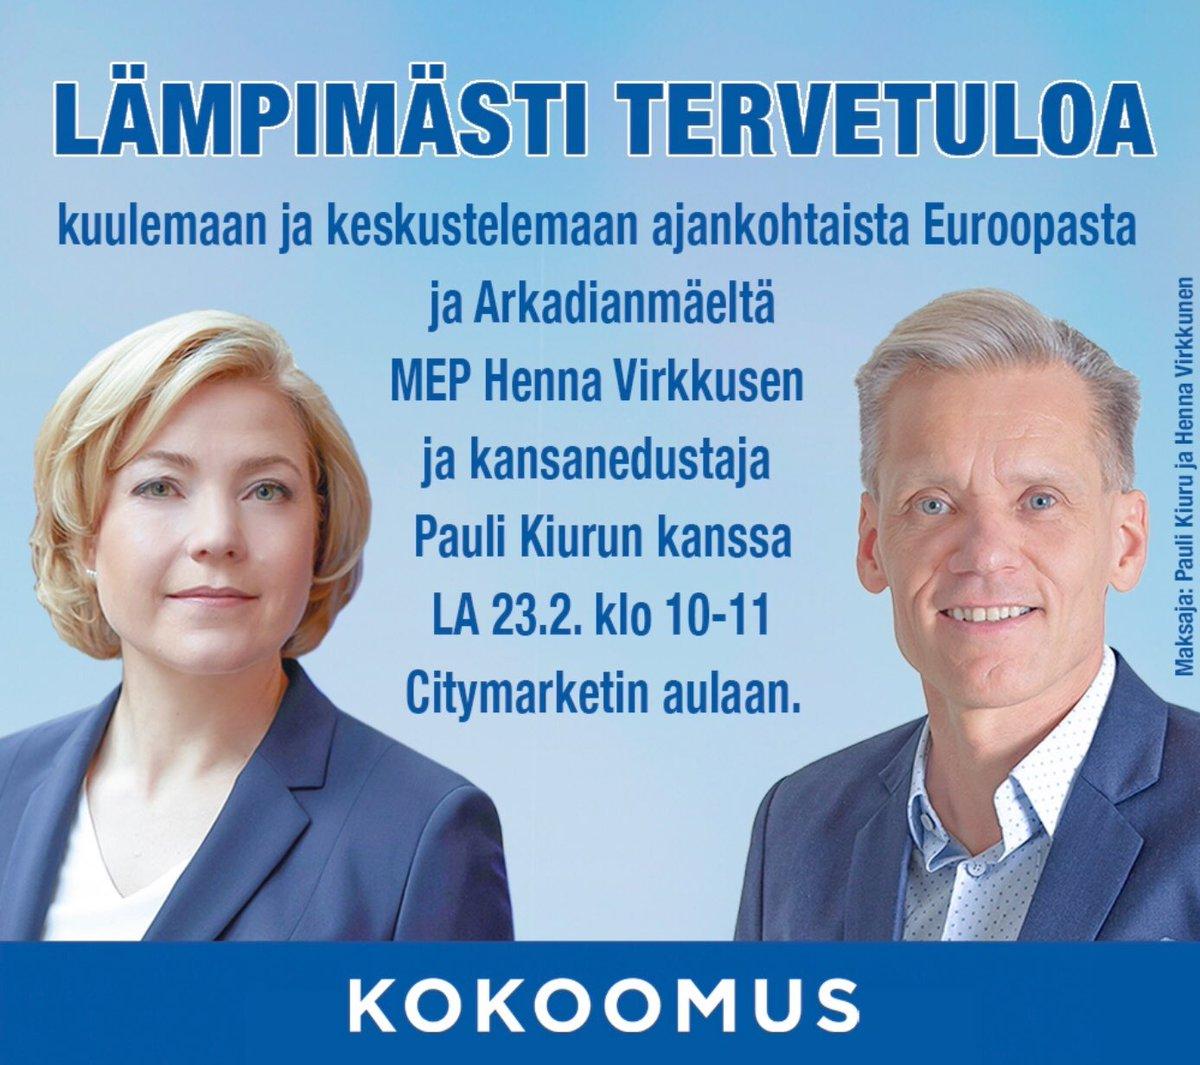 Lauantaina Valkeakoskella @KiuruPauli kanssa. Tervetuloa tapaamaan ja keskustelemaan 😊👍Kahvia on ☕️ #kokoomus #saatehdä